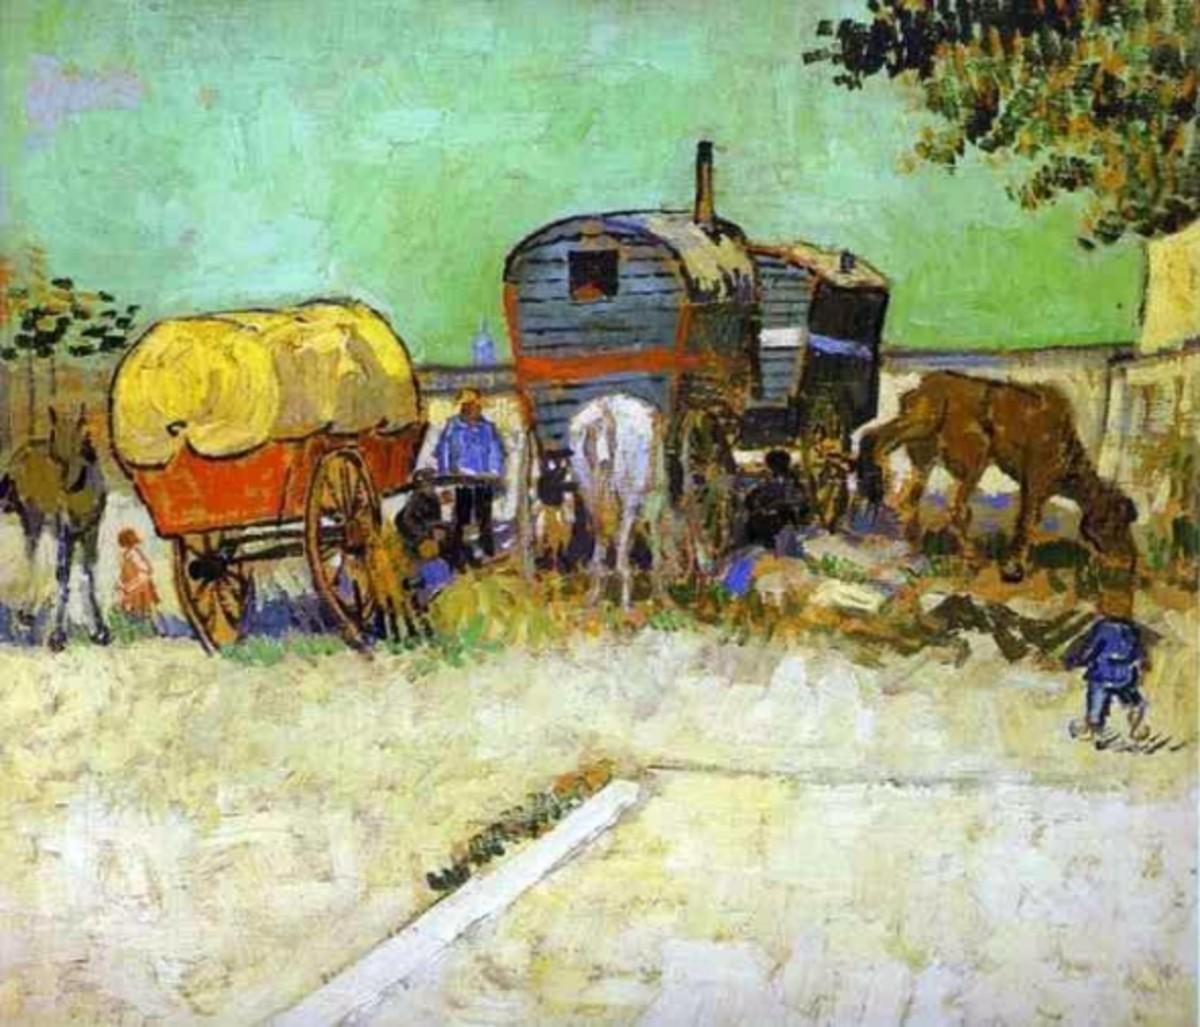 The Caravans by Van Gogh, public domain